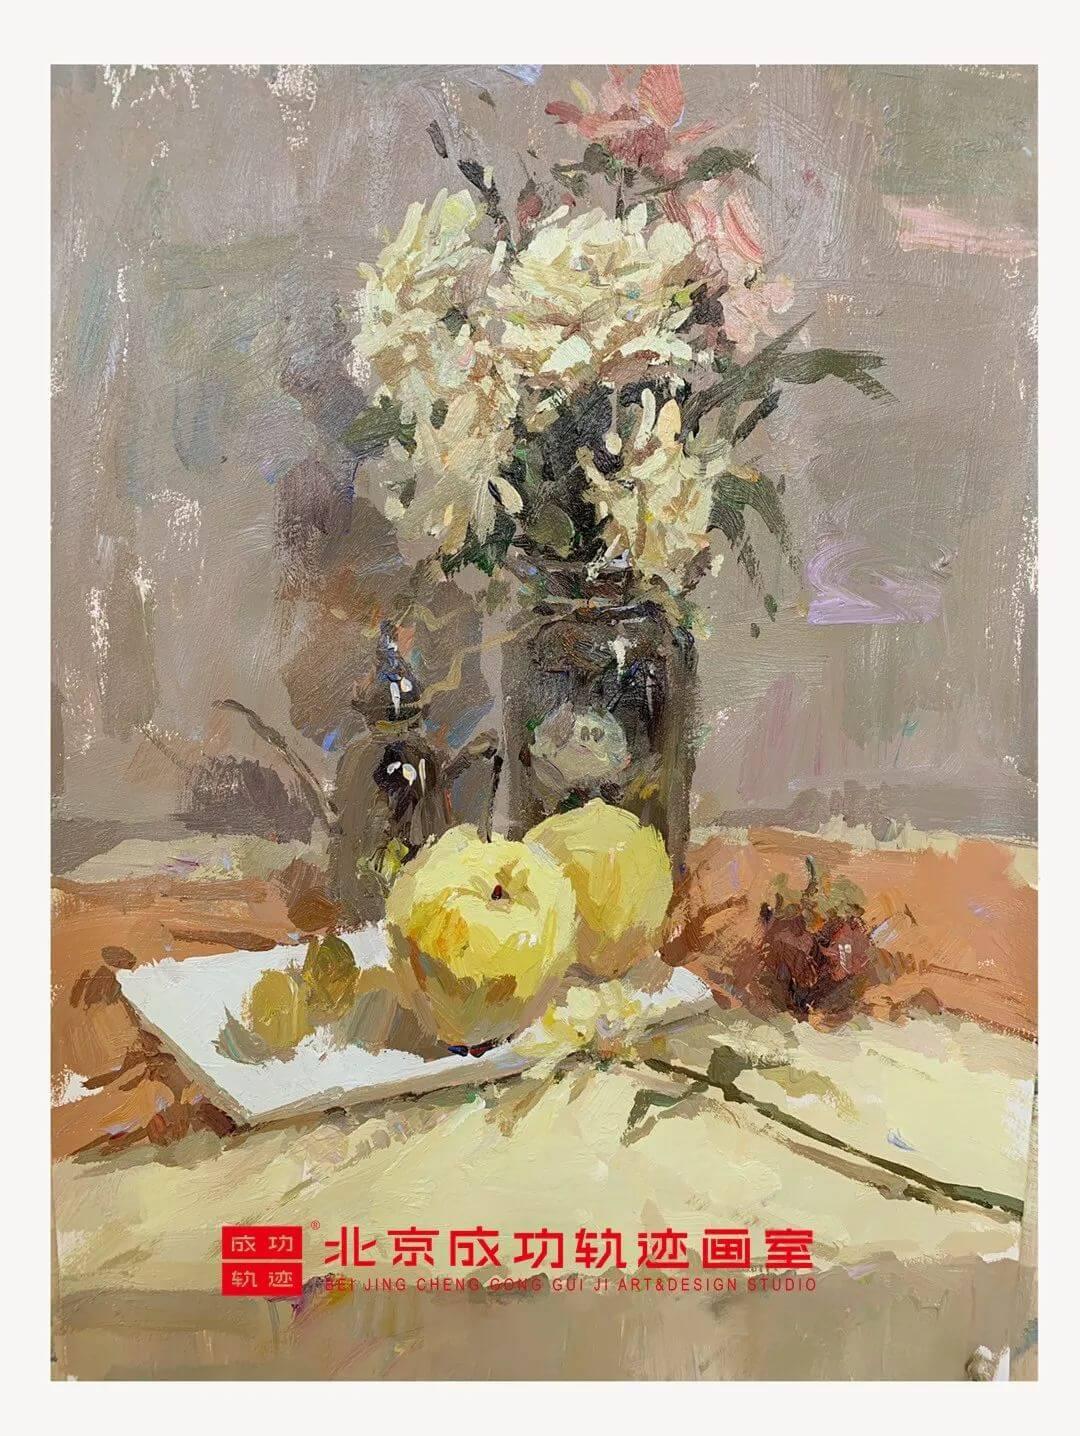 成功轨迹画室直播课堂,北京画室,北京美术培训,美术在线课堂  12